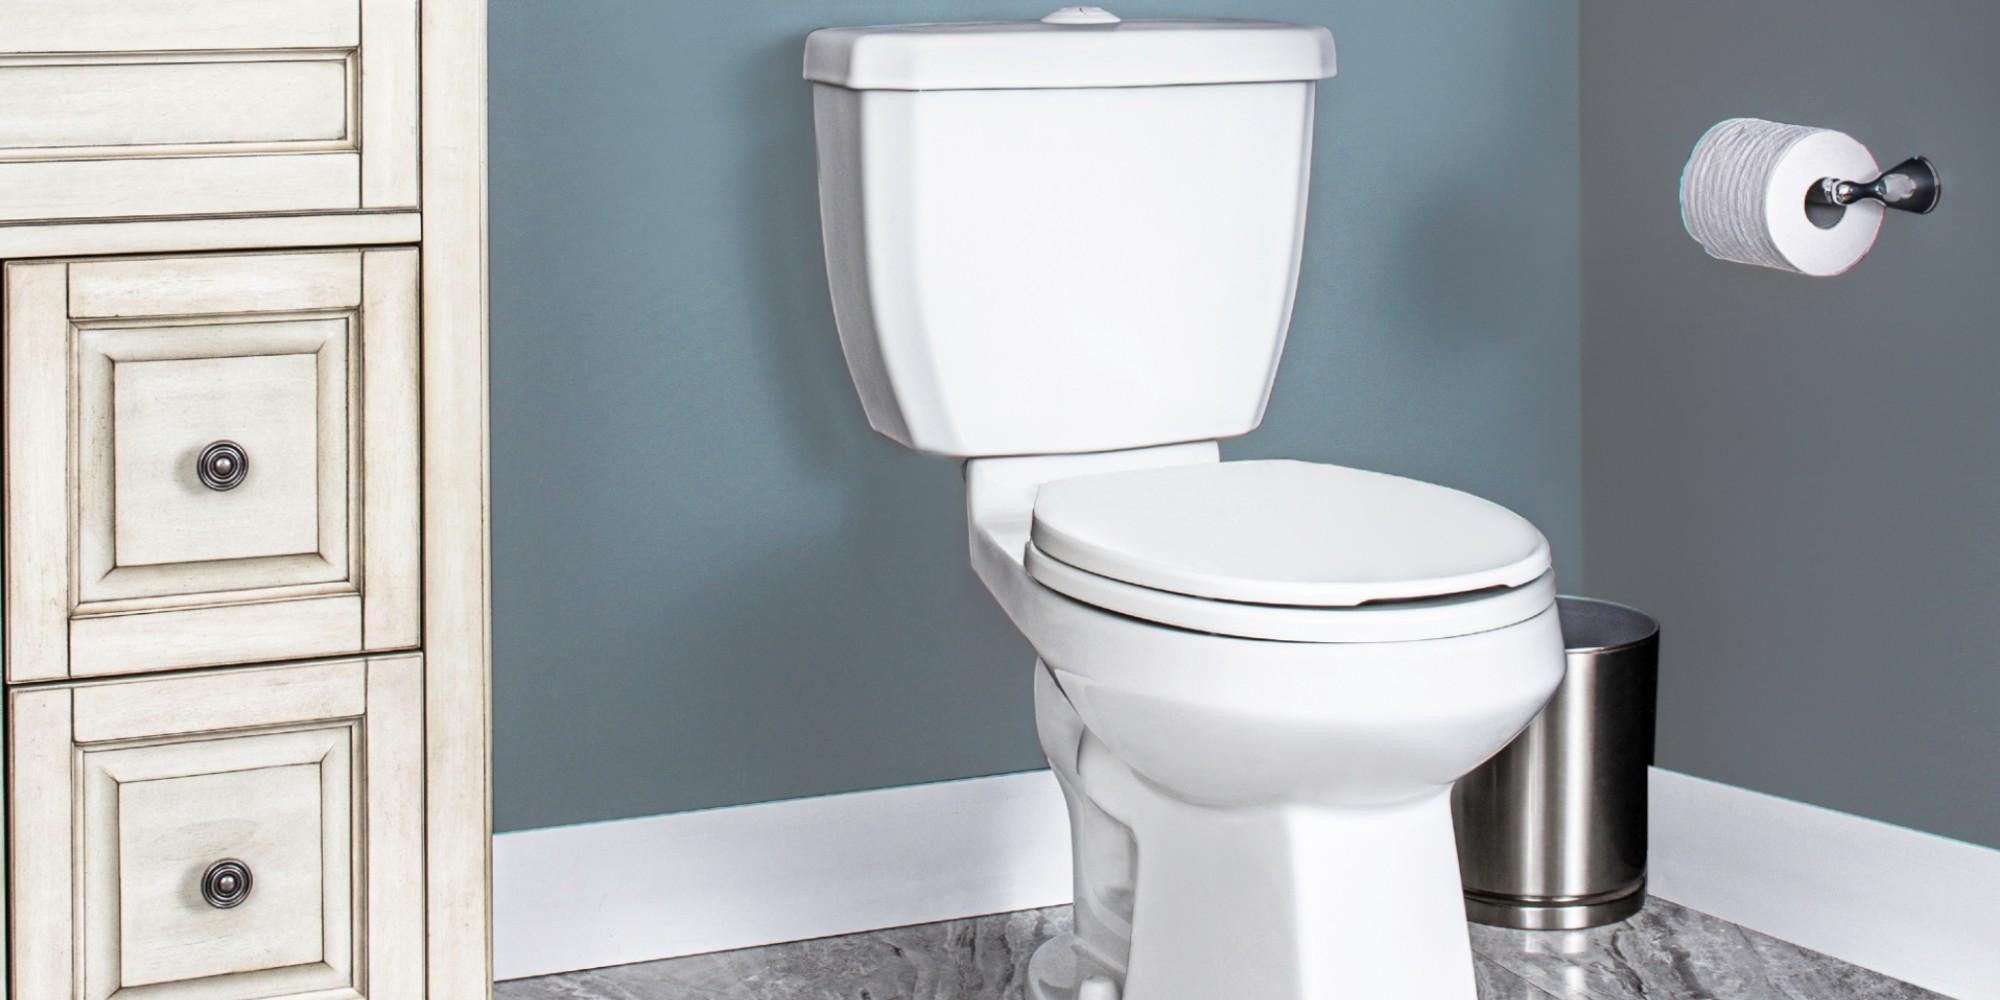 Contrac Toilet Bathroom